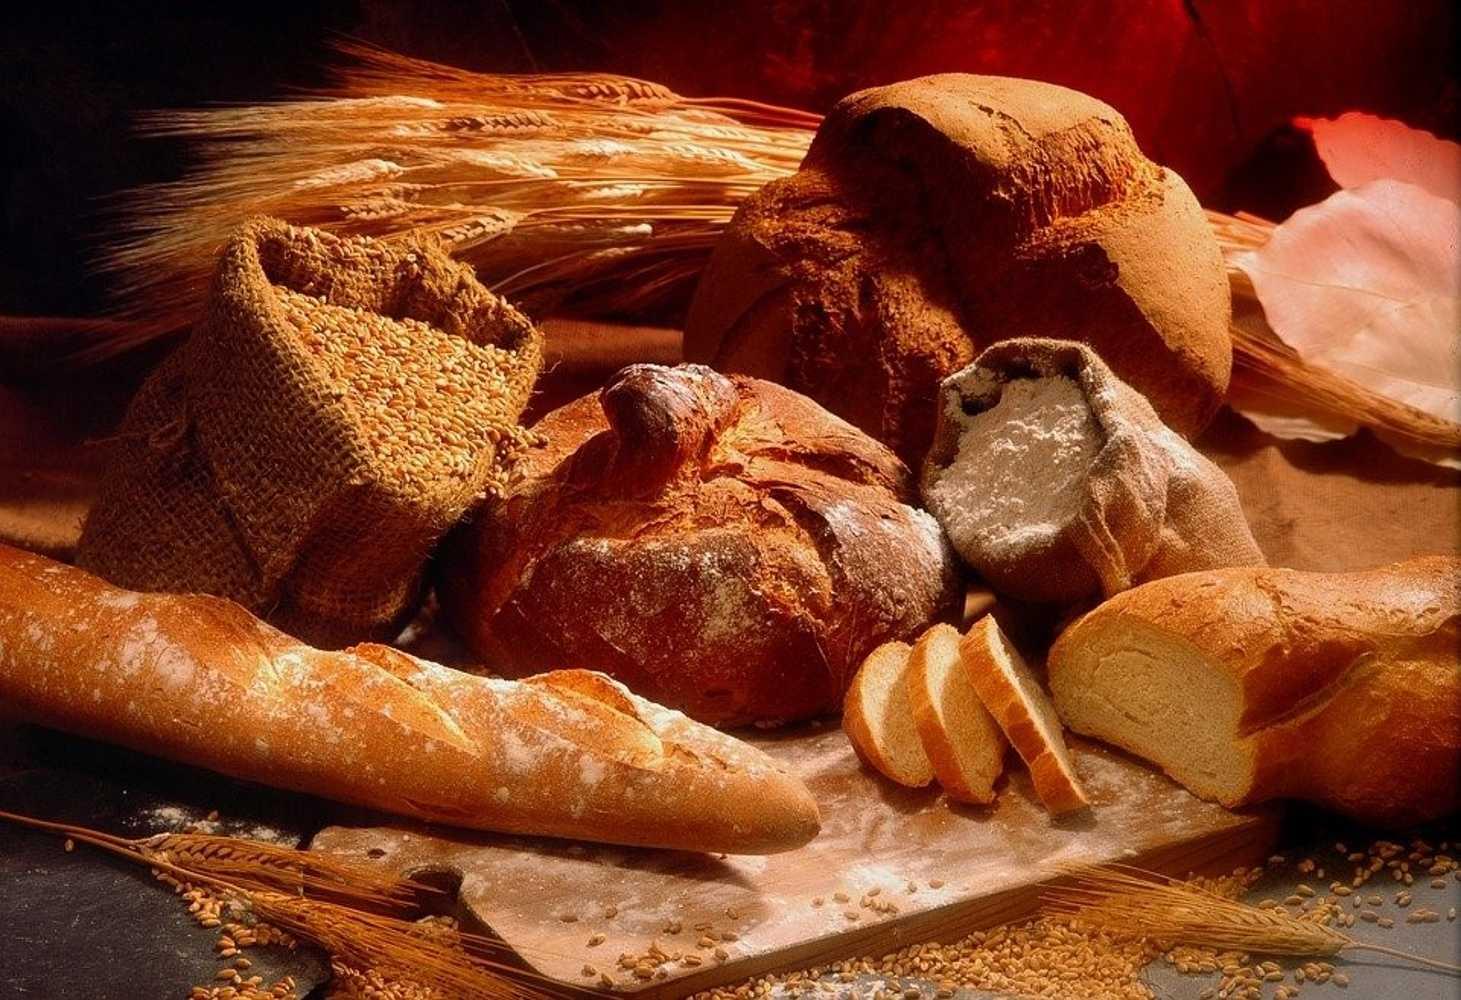 Horaires de la boulangerie 0